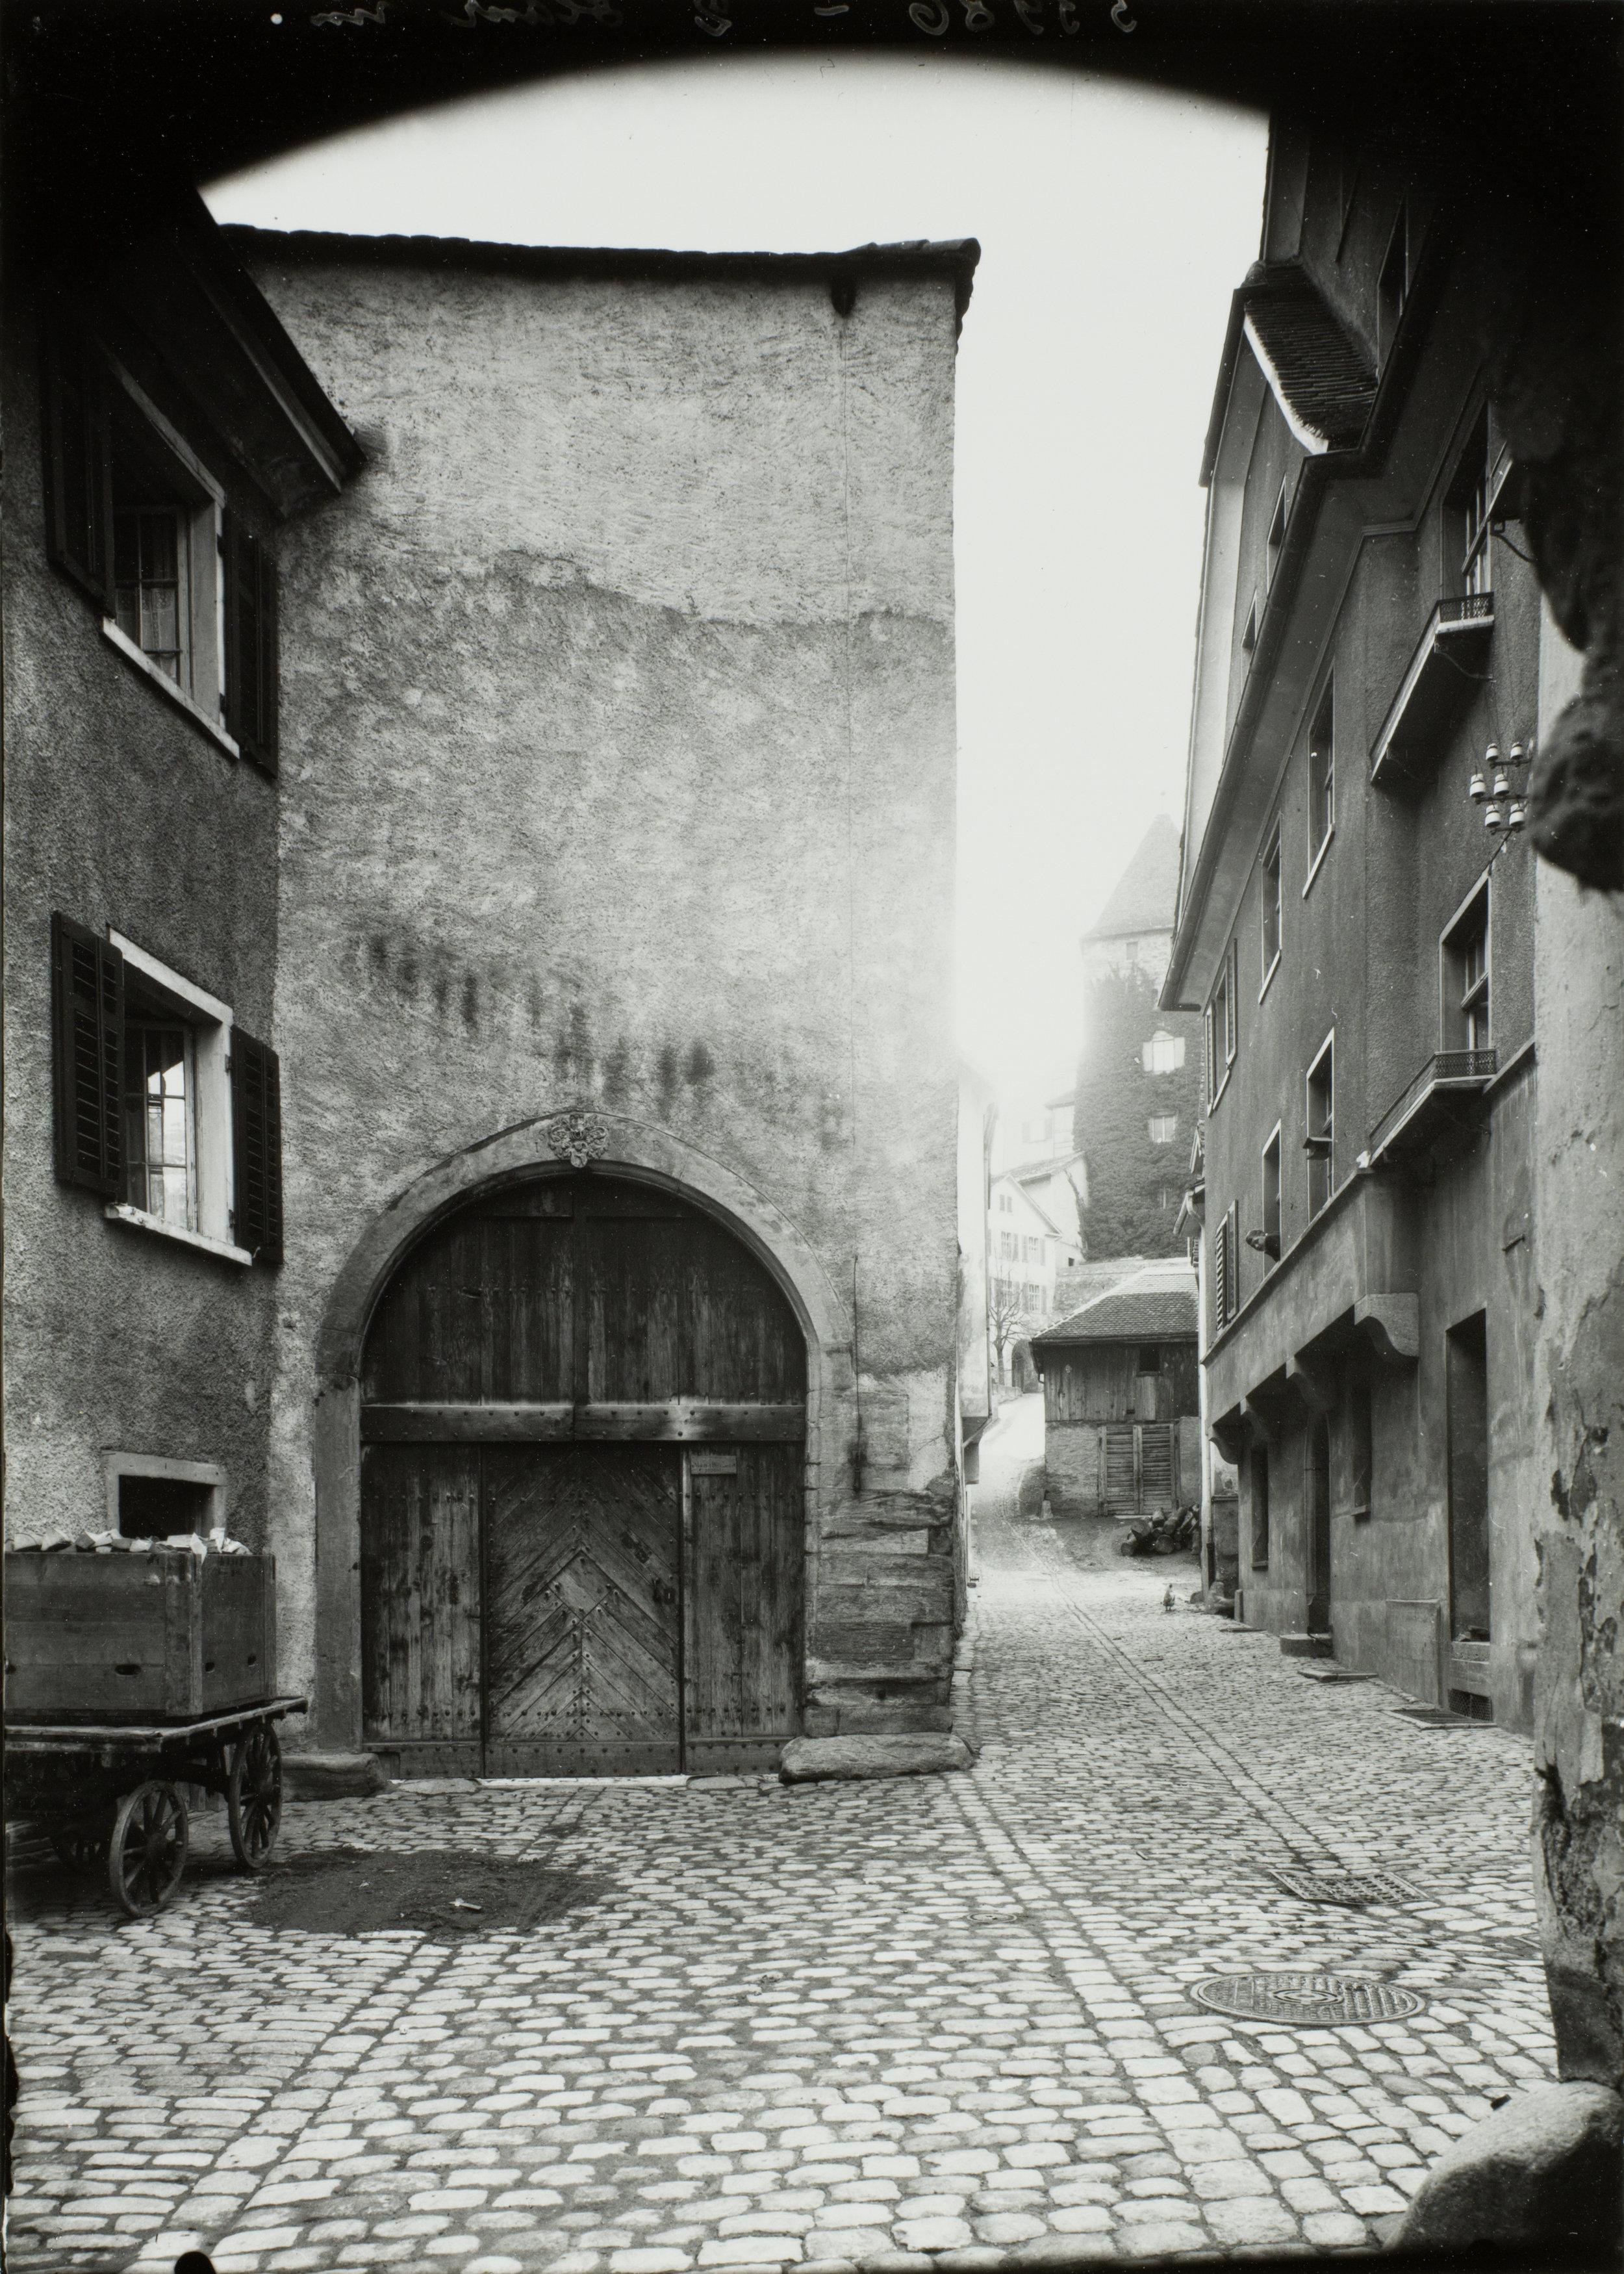 Die Sennhofstrasse in Chur,undatiert. Staatsarchiv Graubünden, Chur, FN-XII-13-18-C-363